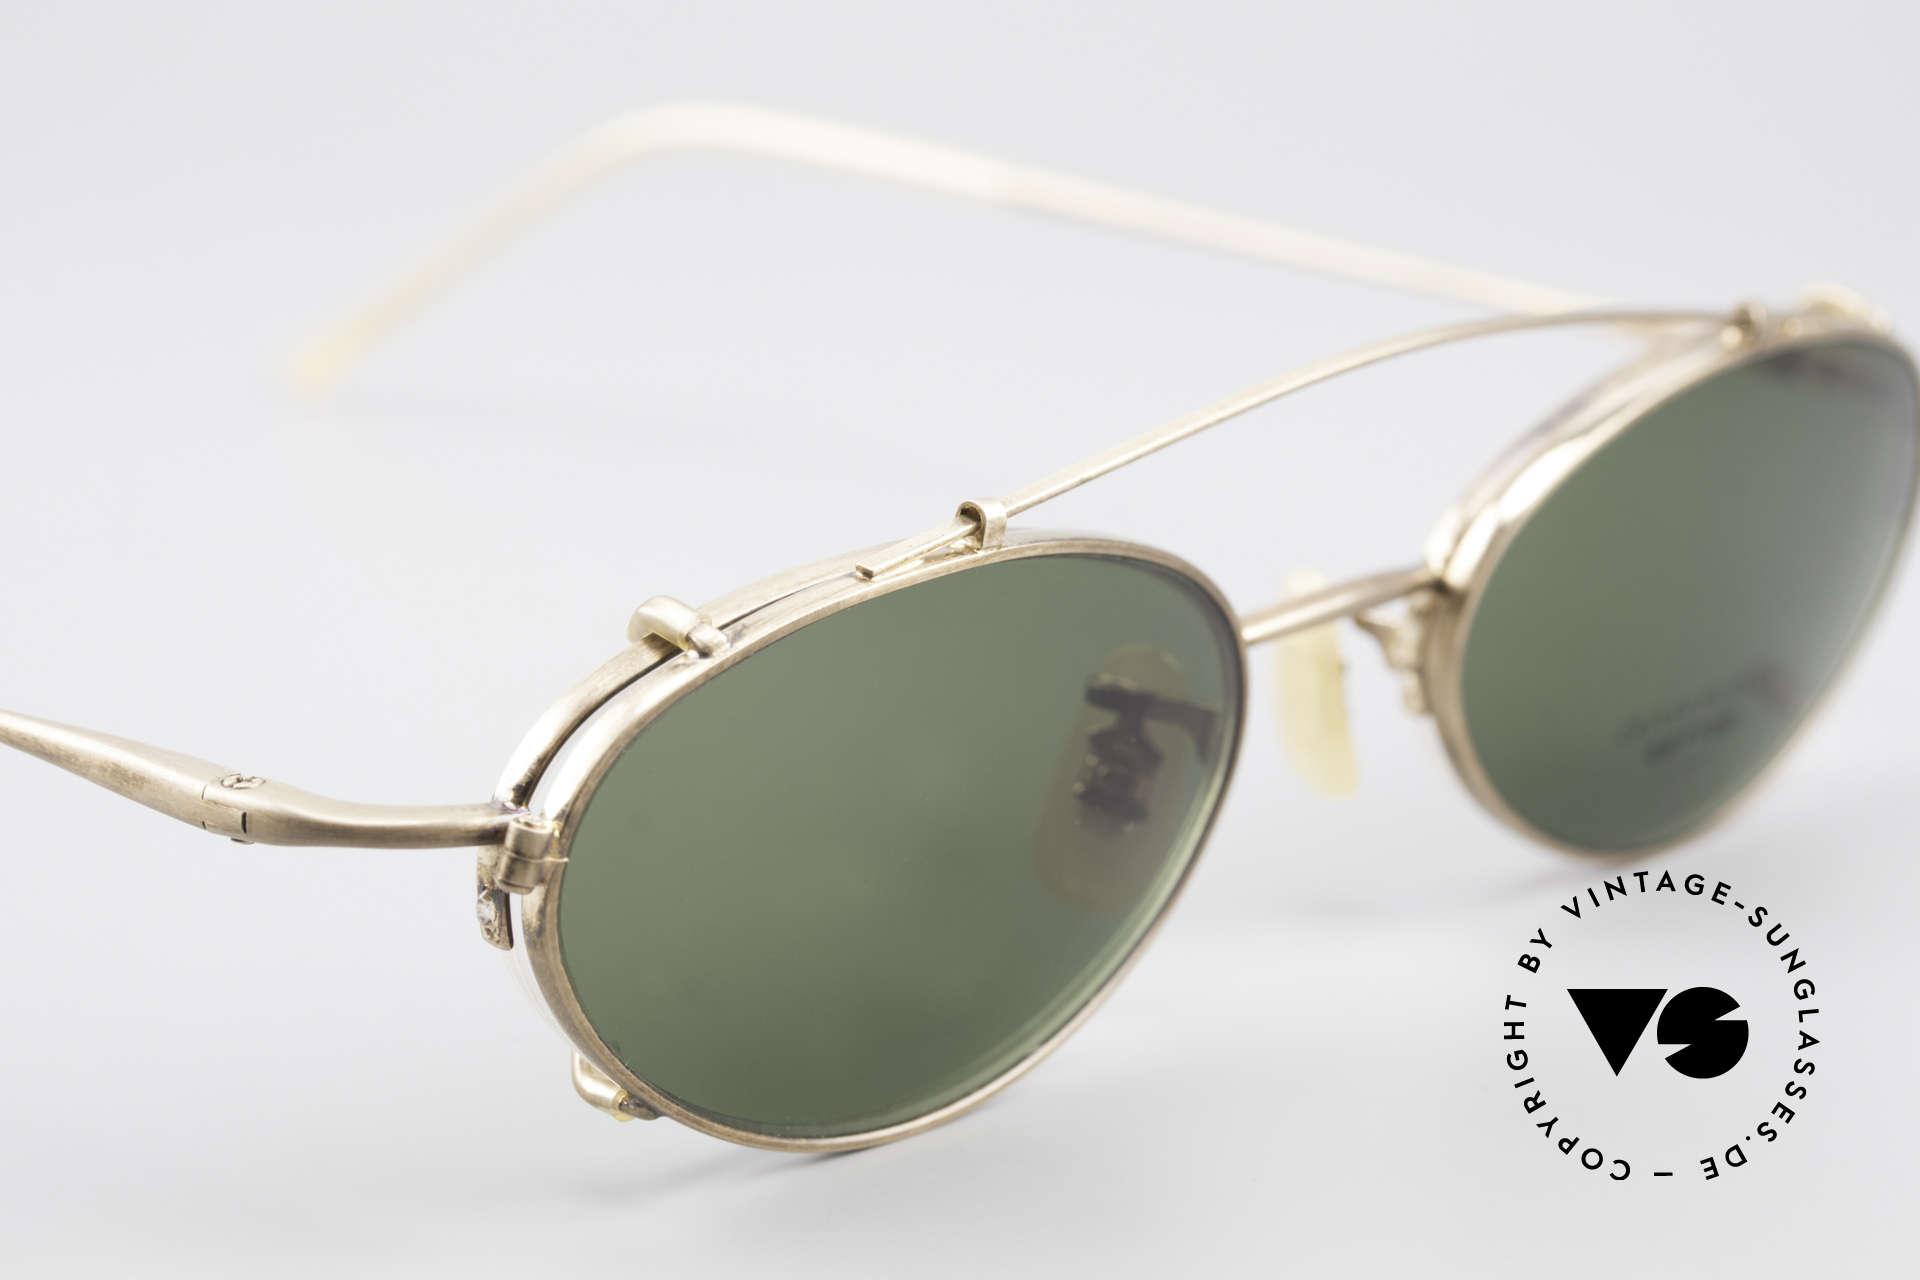 Oliver Peoples OP599 Ovale Vintage Brille Mit Clip, KEINE Retrobrille; sondern ein 20 Jahre altes Original, Passend für Herren und Damen